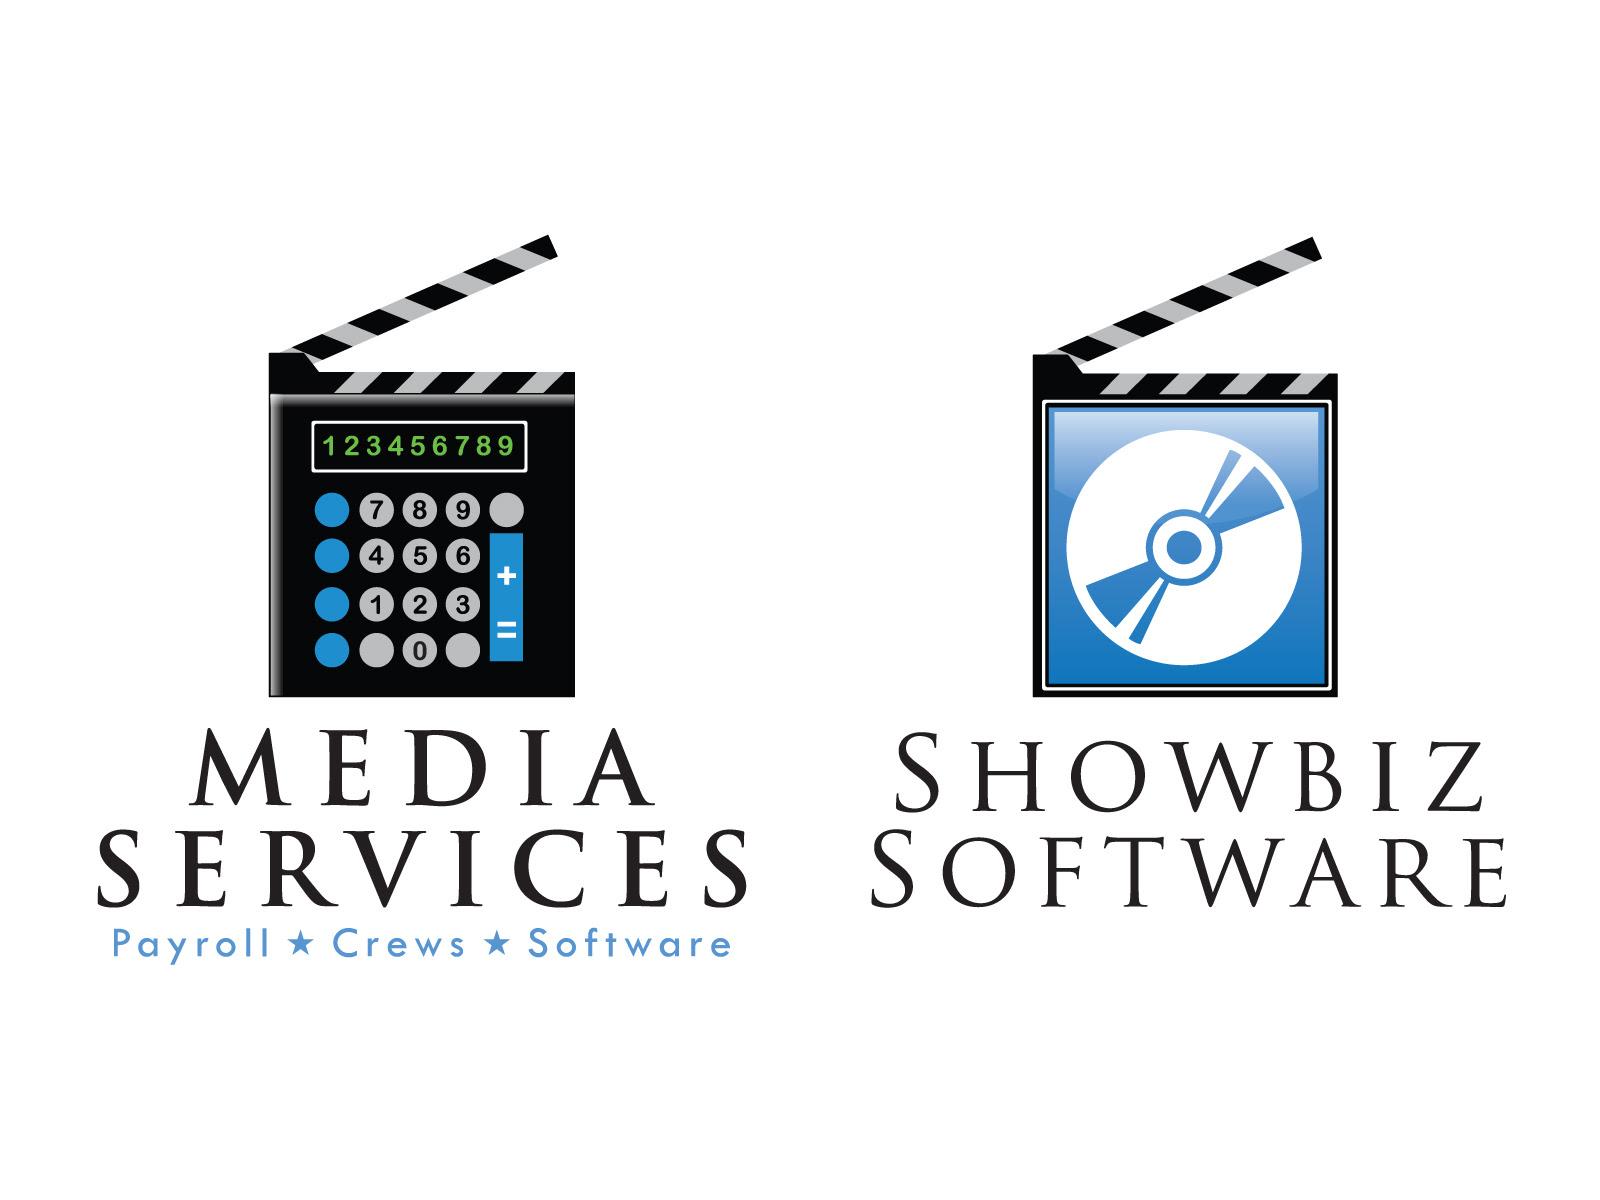 logoTVslide.jpg